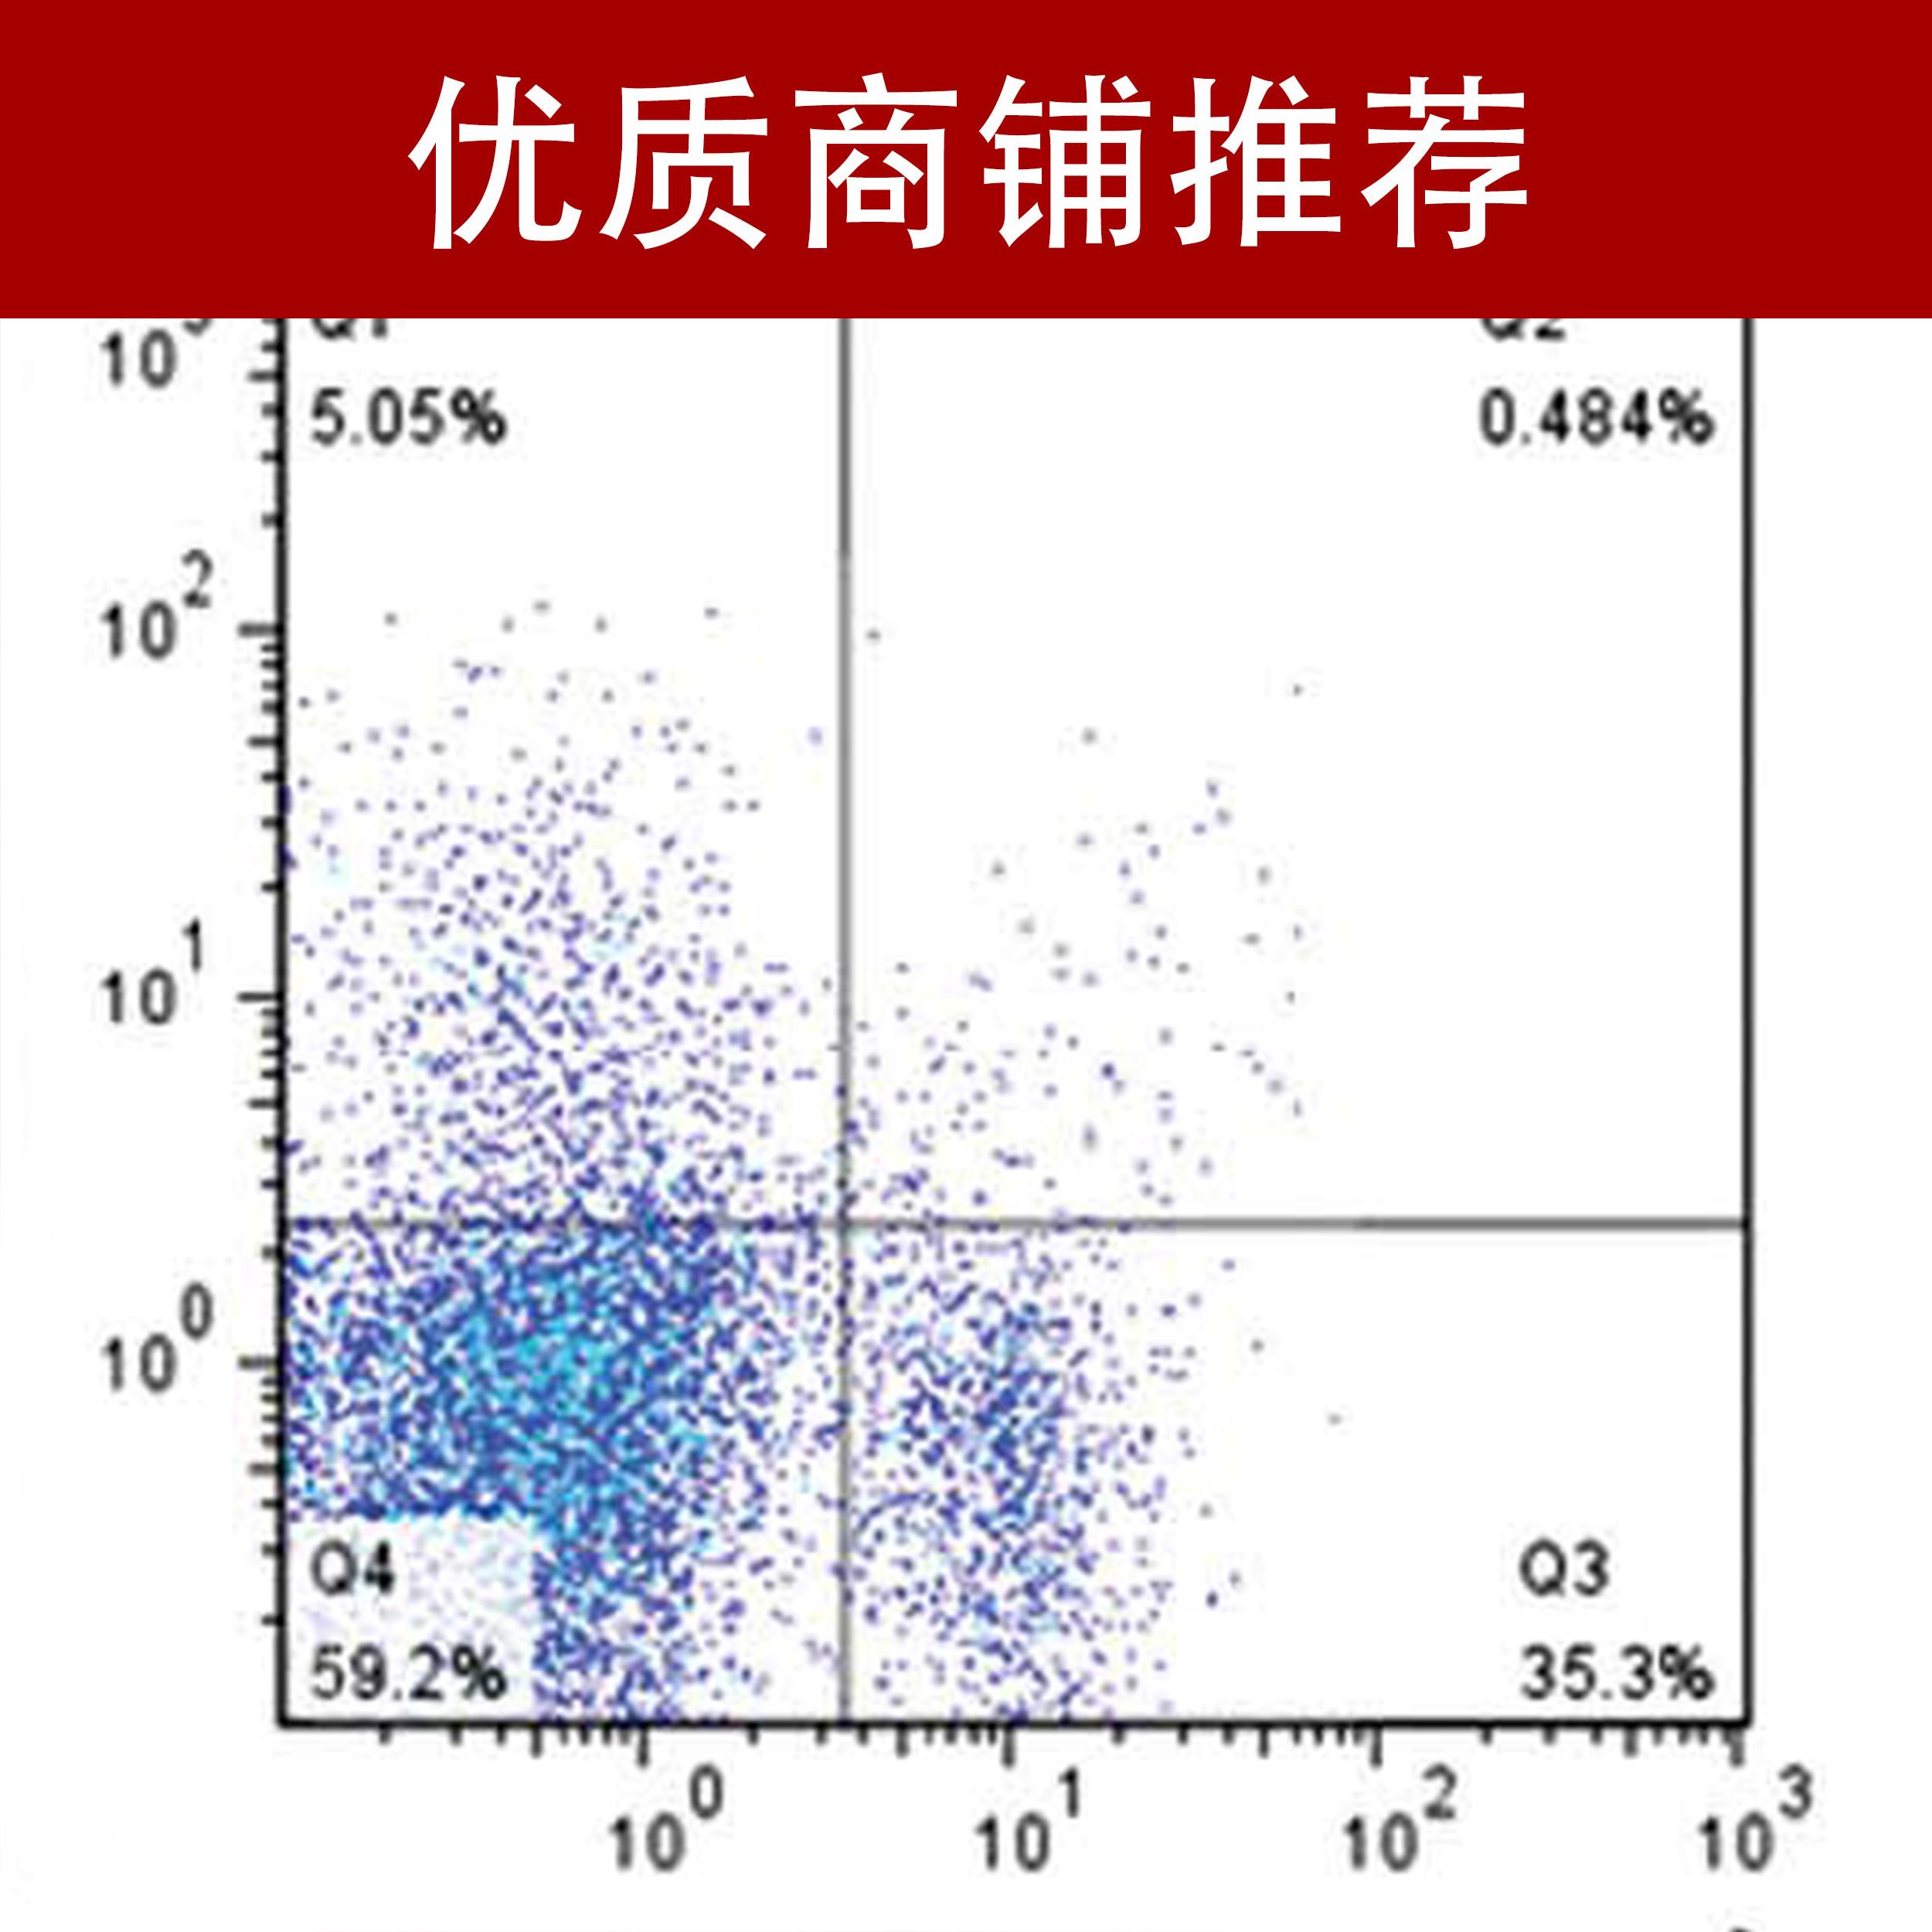 流式细胞术凋亡检测(全国十佳技术服务企业)